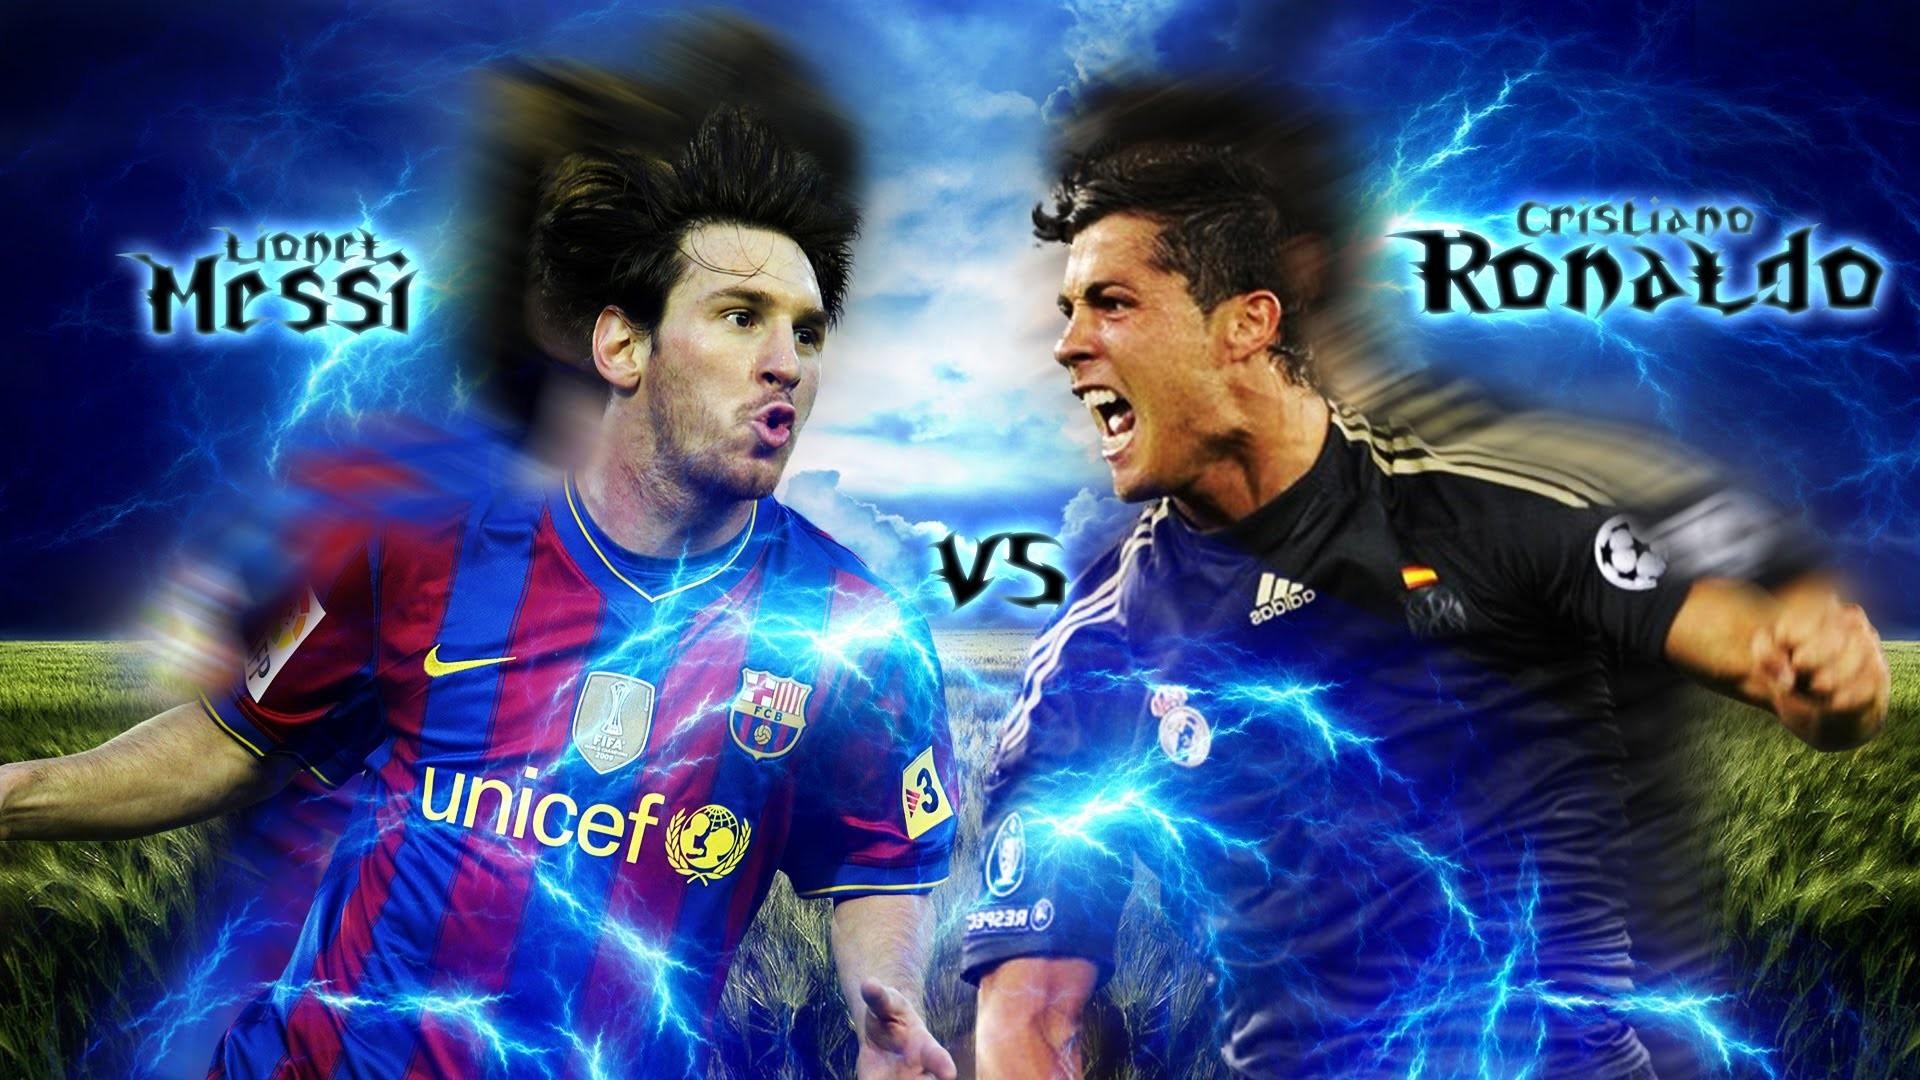 Cristiano Ronaldo Vs Lionel Messi 2017 Wallpapers 8